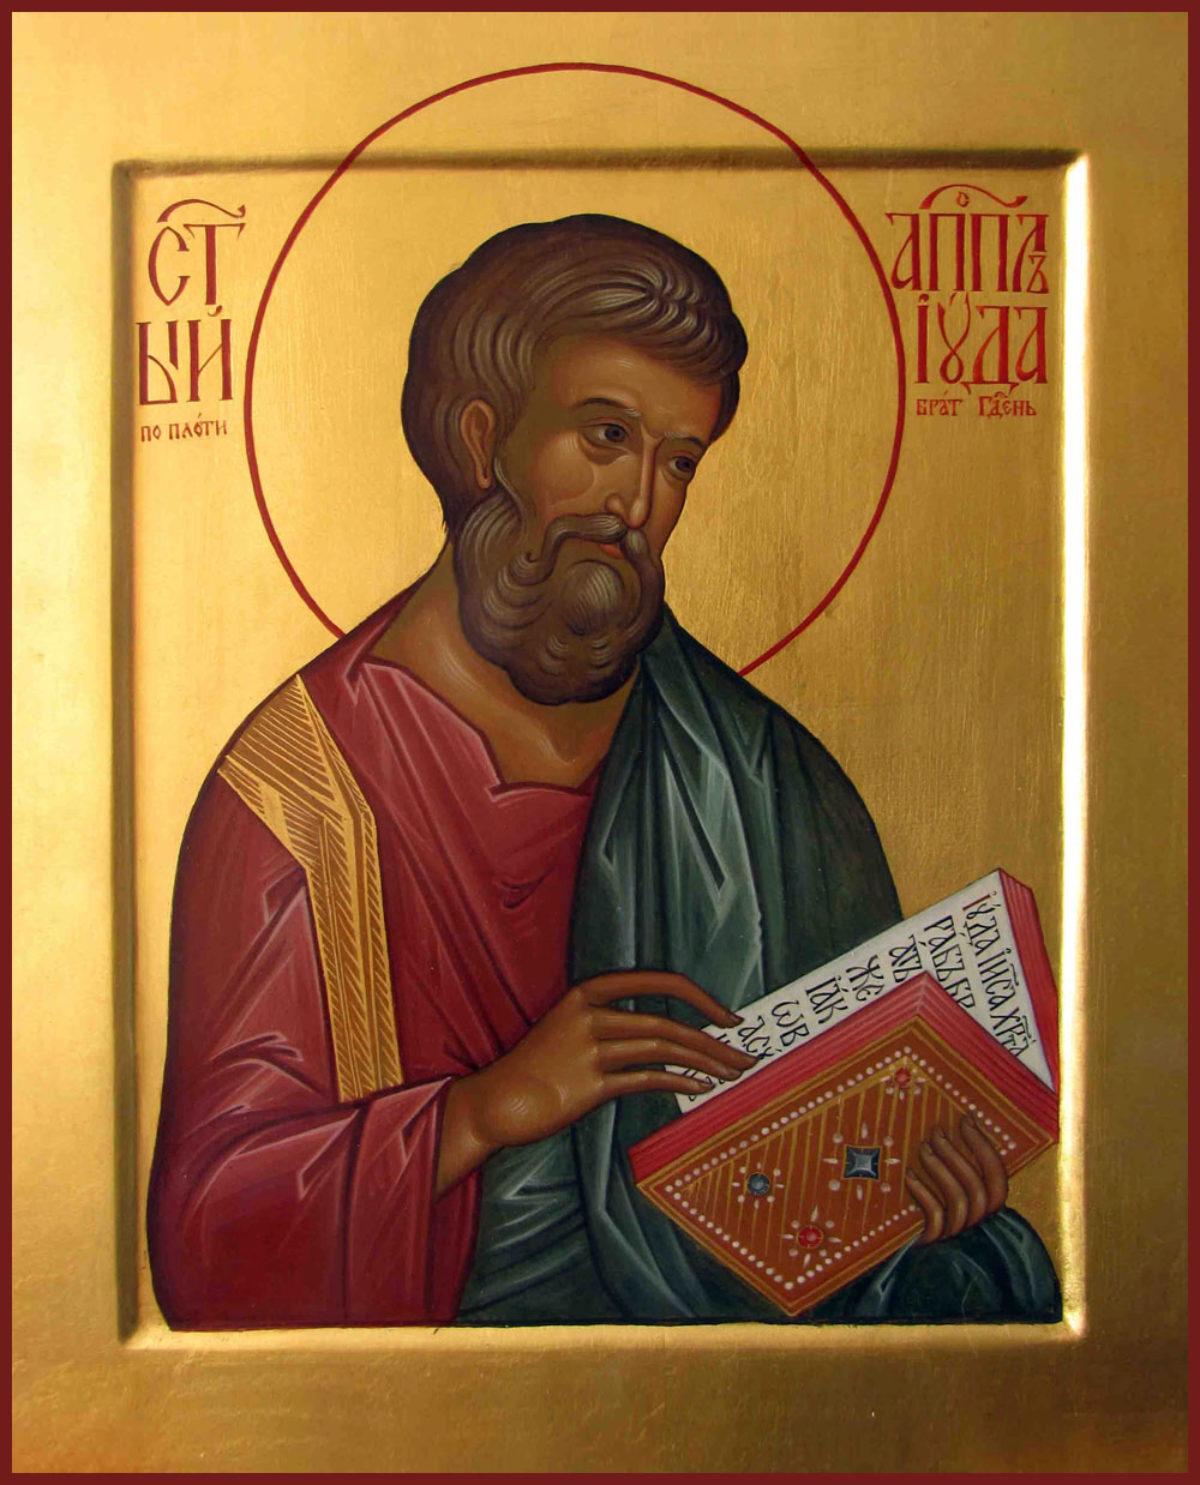 Соборное Послание святого апостола Иуды: адресат, время, особенности